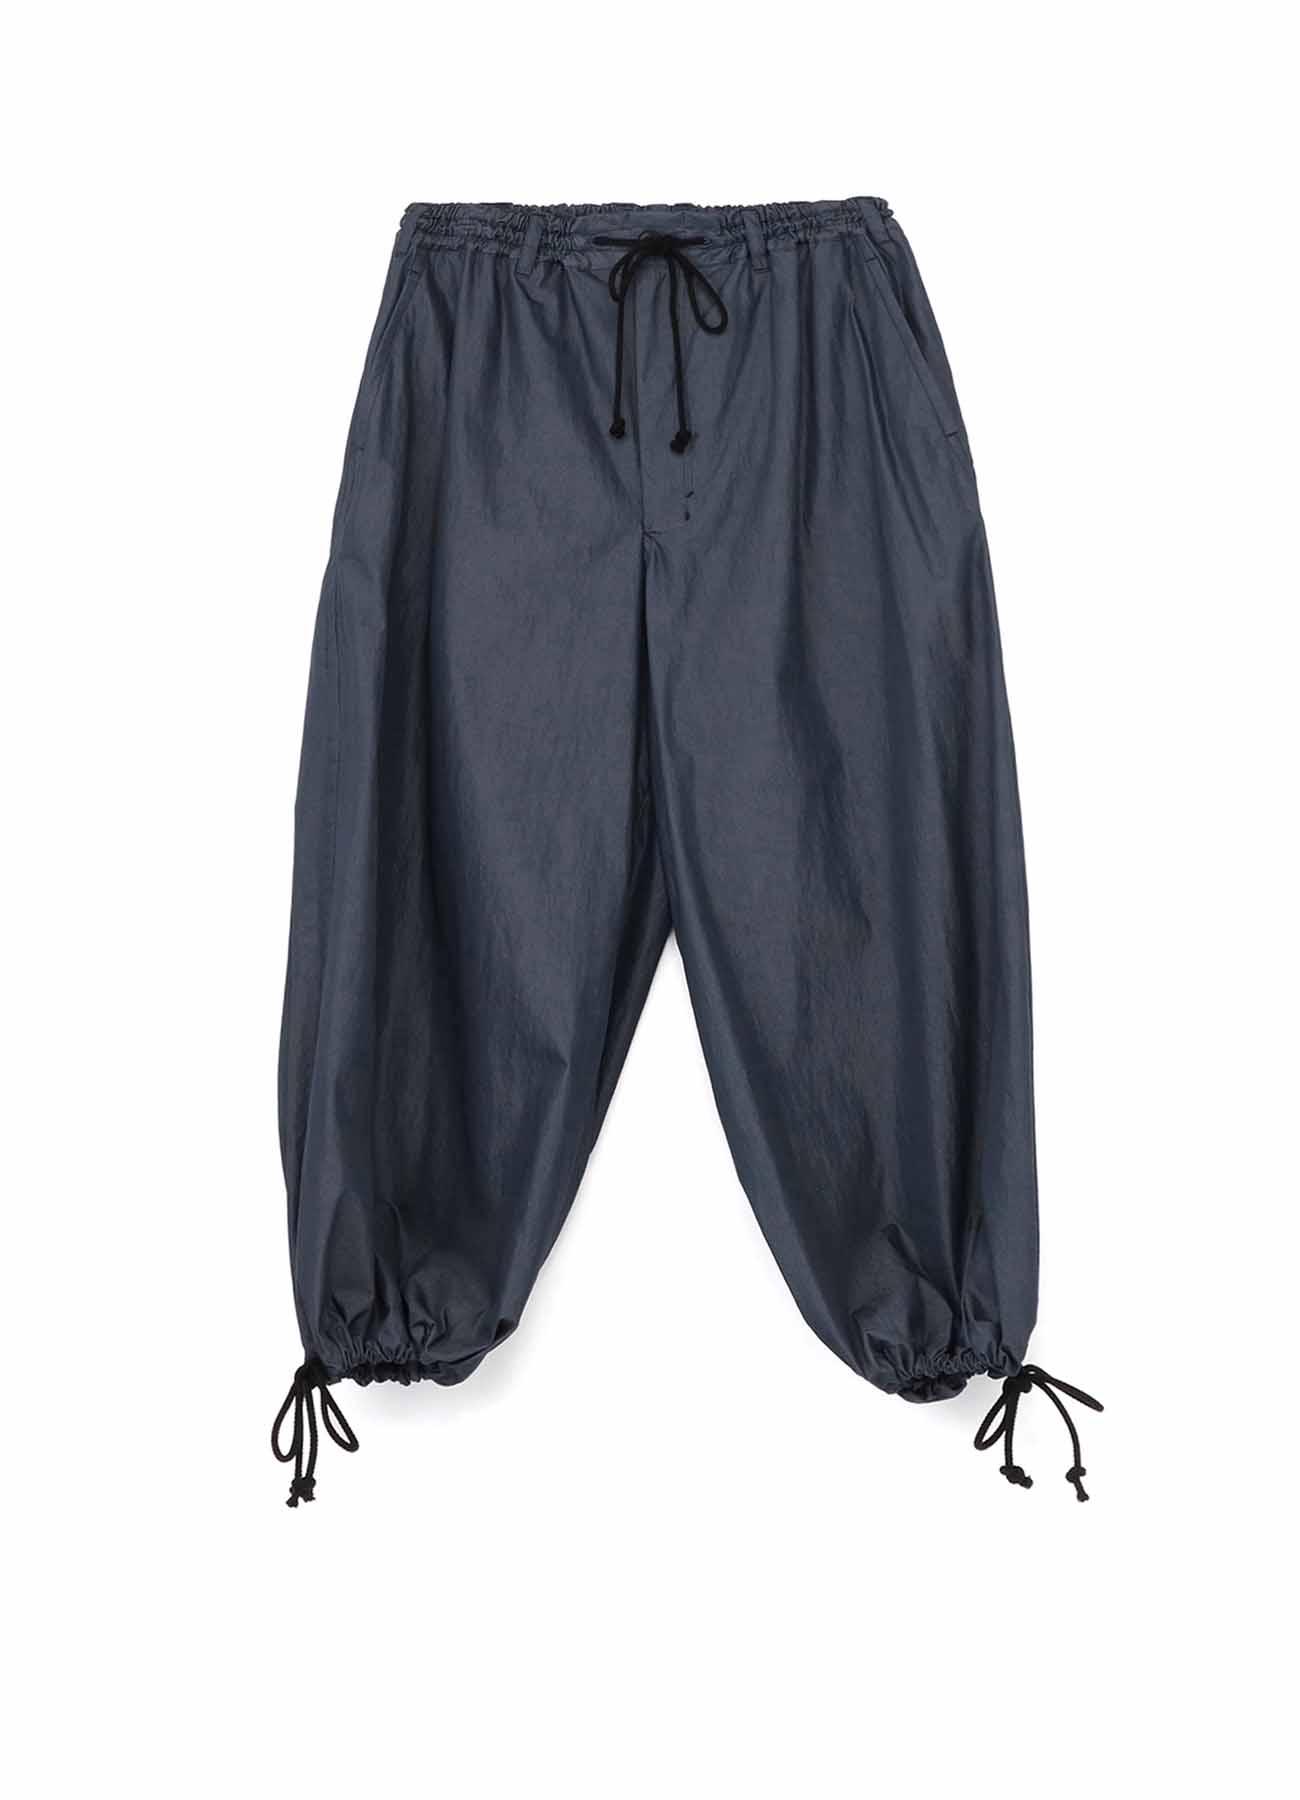 C/Ny Twill Easy Balloon Pants